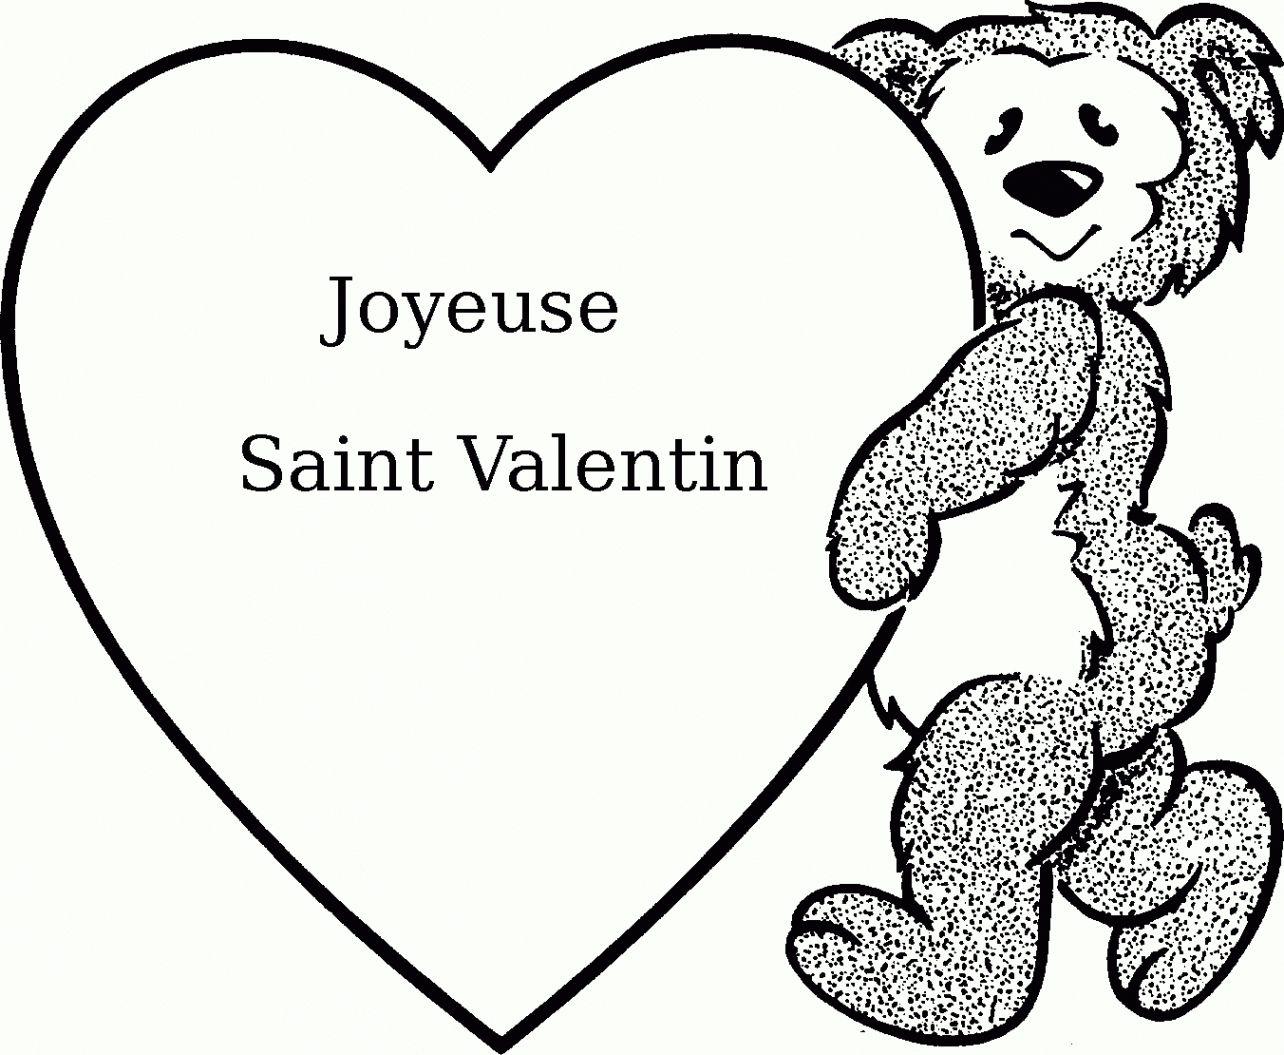 St Valentin A Colorier | Coloriage St Valentin, Joyeuse destiné Dessin Pour La Saint Valentin